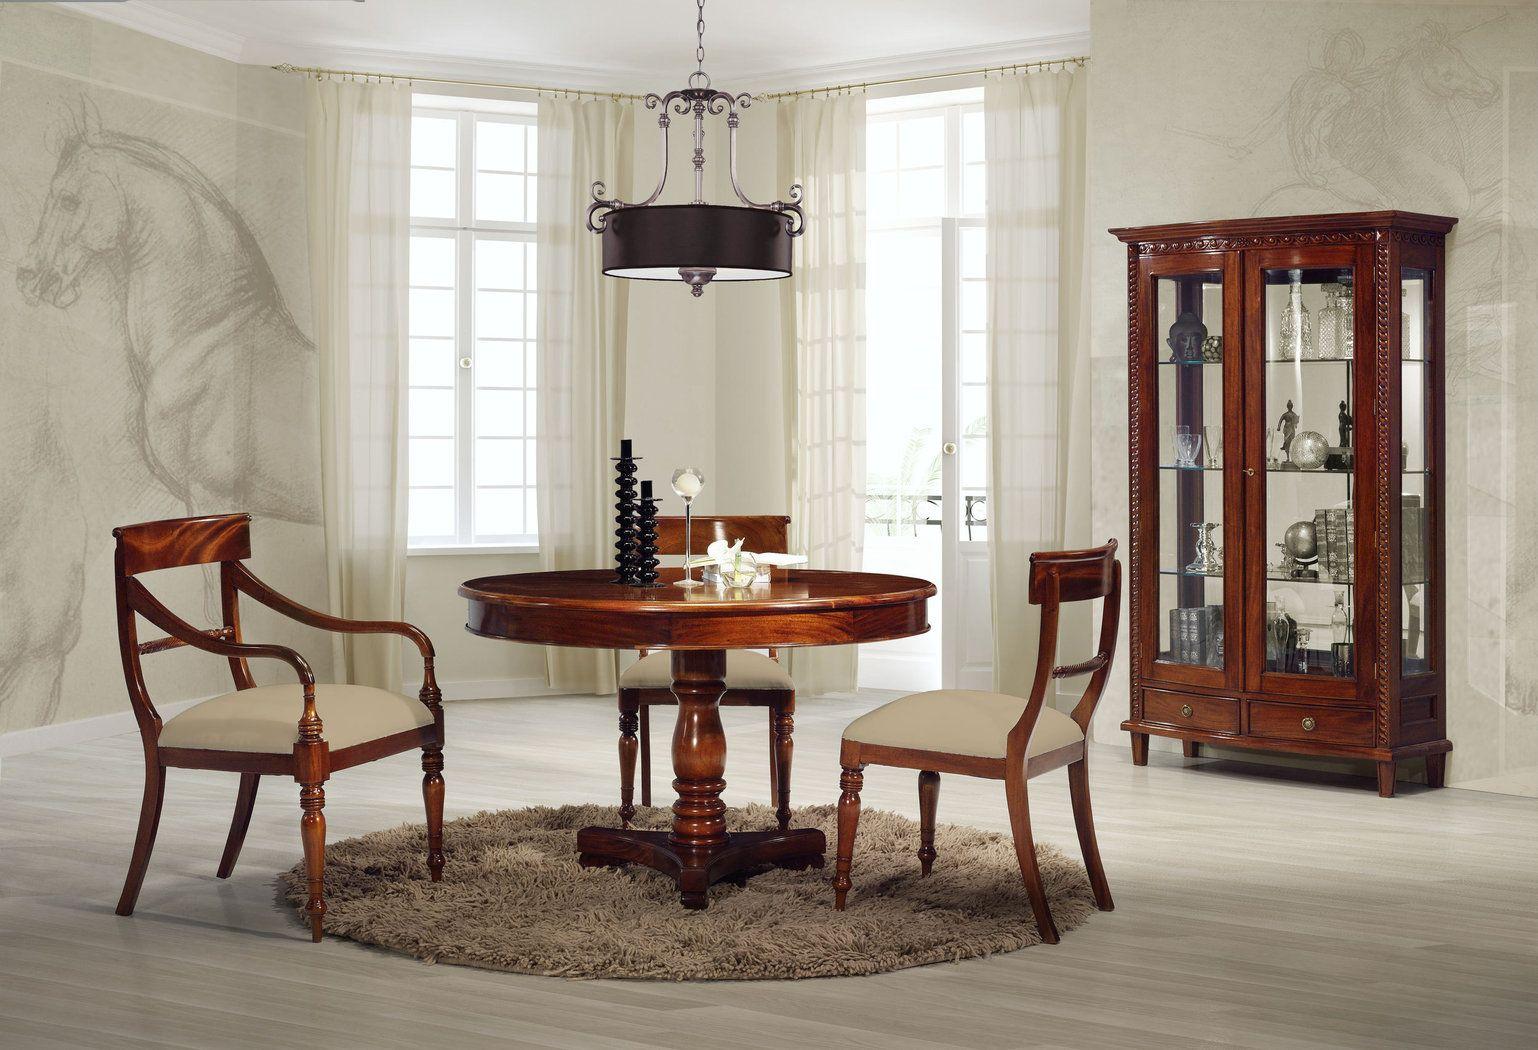 Comedor clasico regencia ideas para decorar el comedor pinterest comedores clasicos - Salon comedor clasico ...